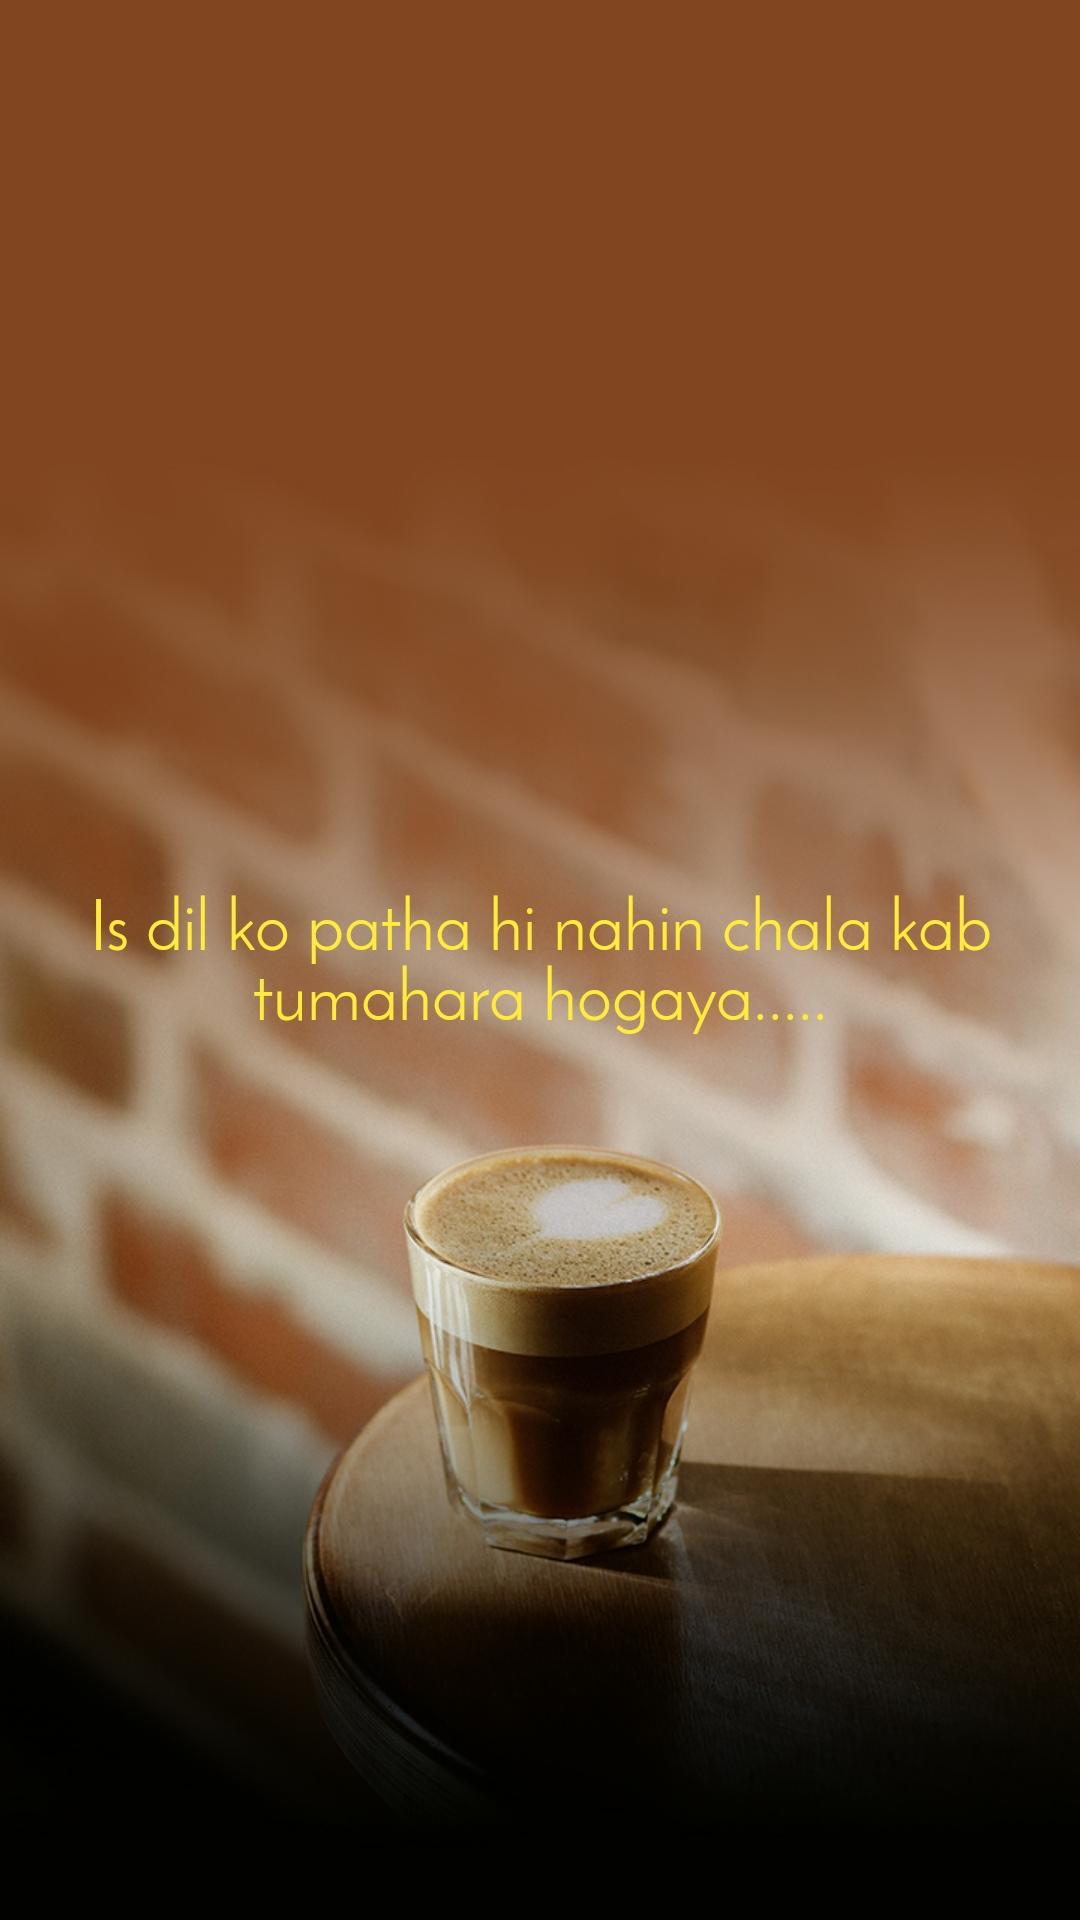 Is dil ko patha hi nahin chala kab tumahara hogaya.....